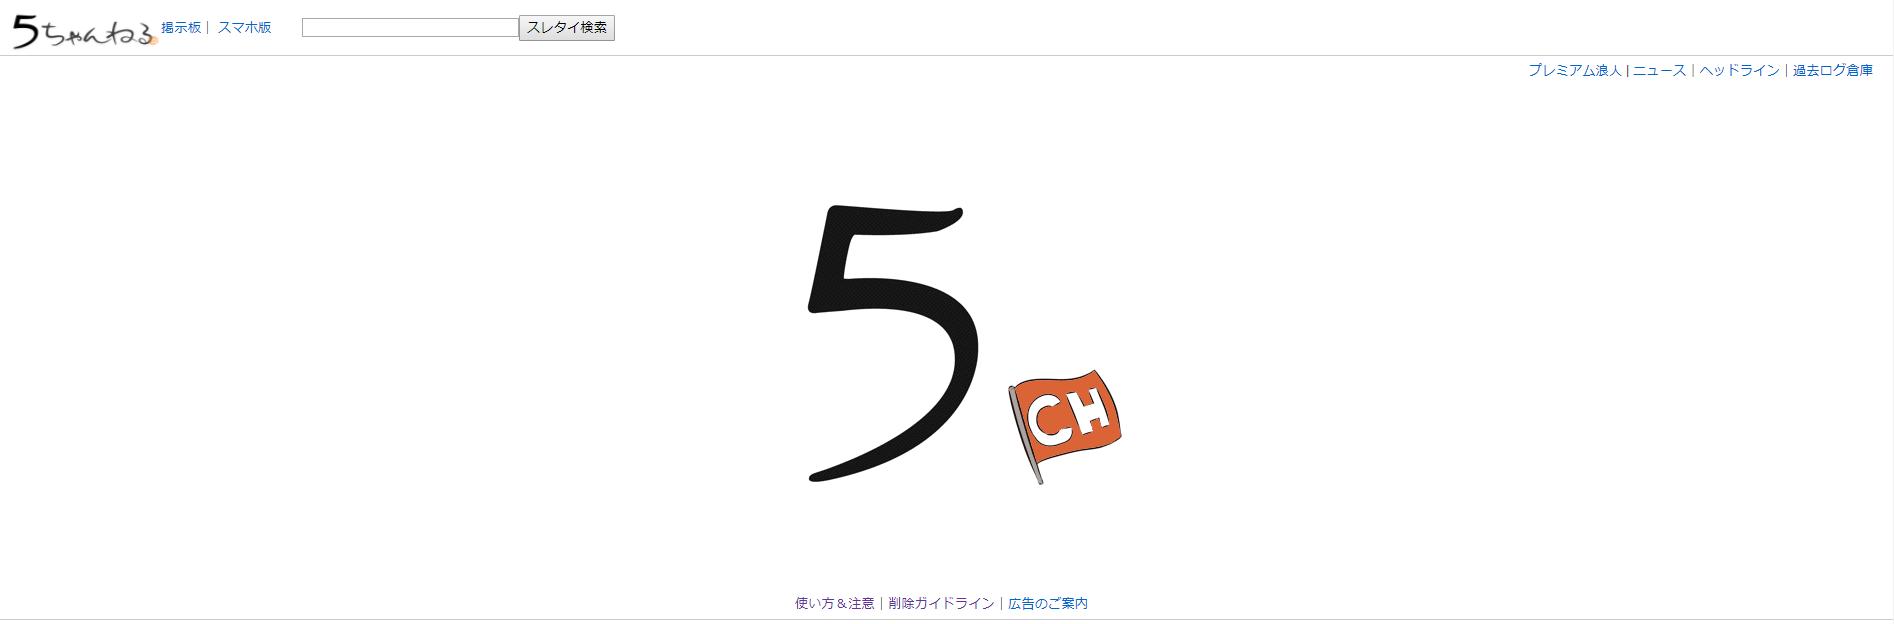 5ちゃんねる